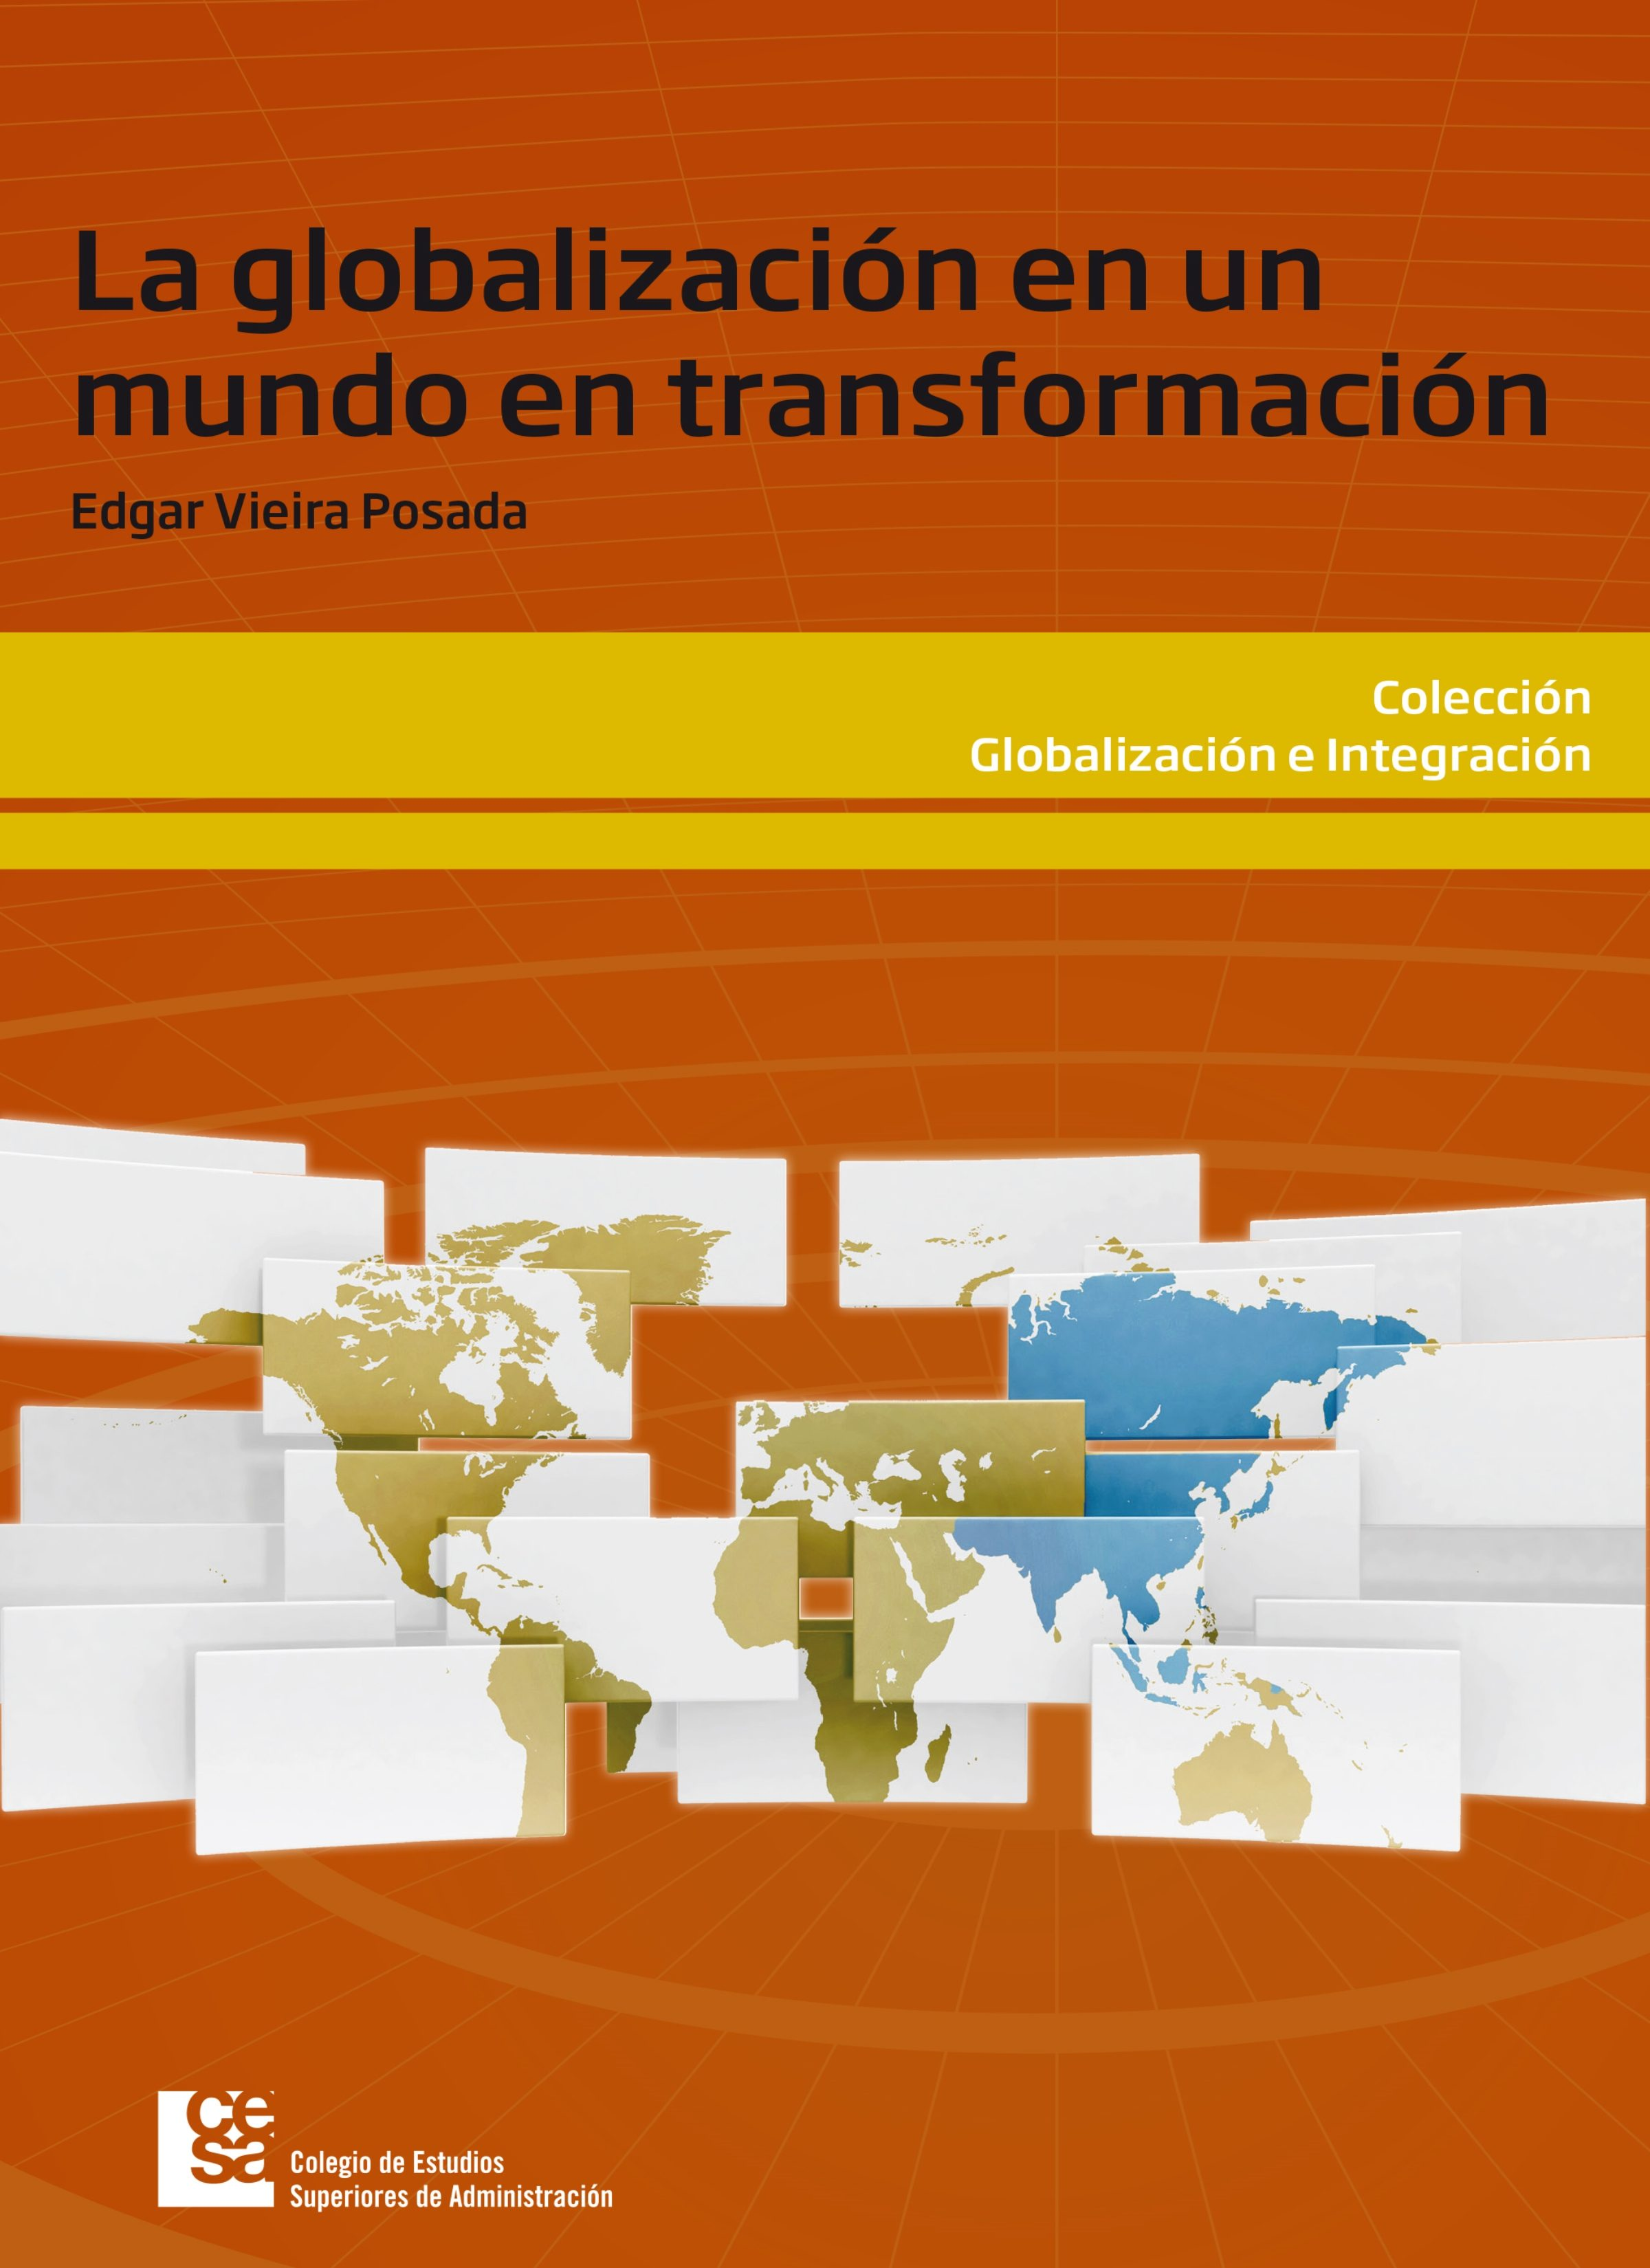 La globalización en un mundo en transformación, livro de Edgar Vieira Posada